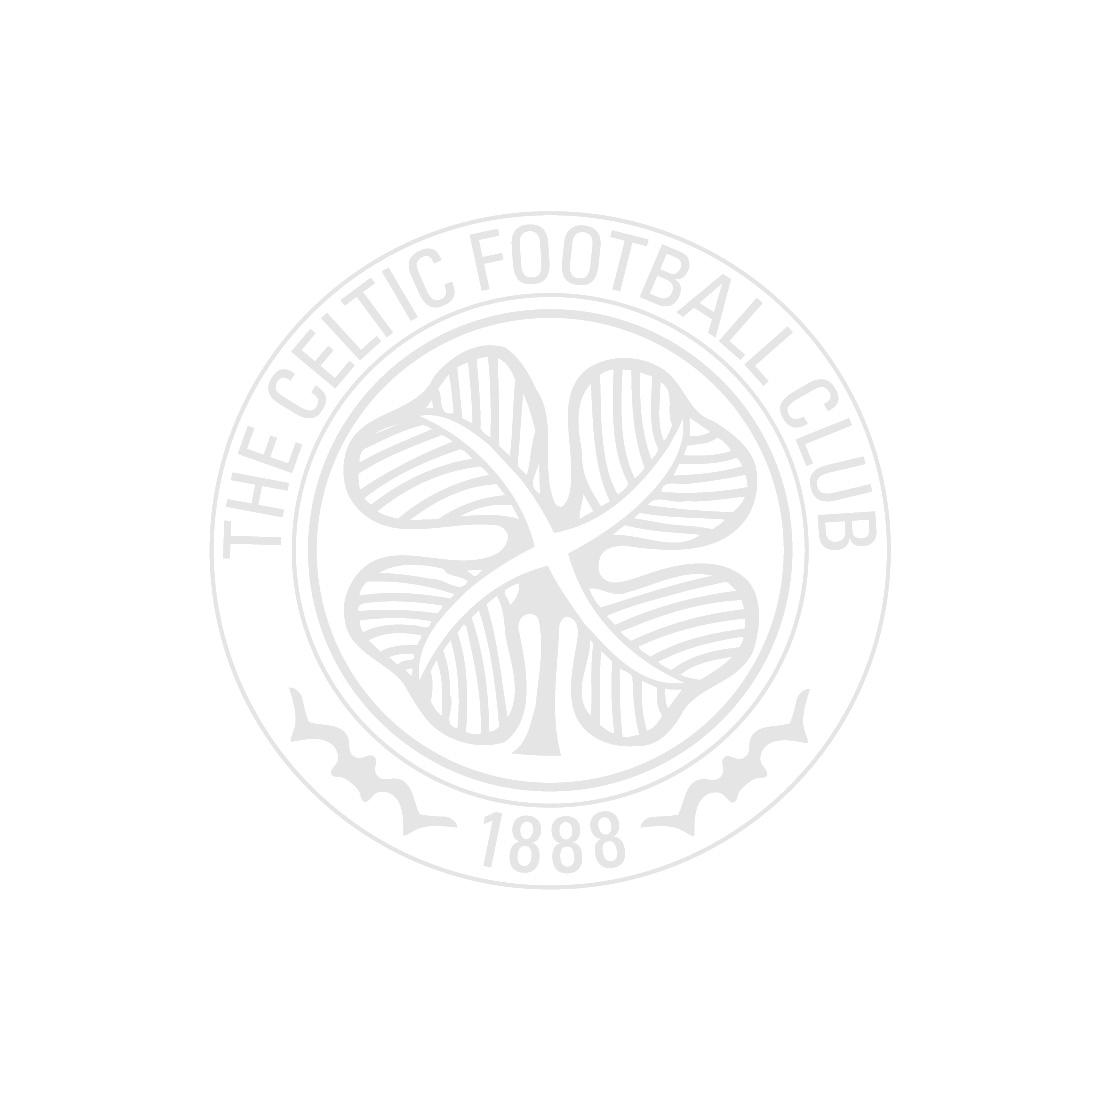 Celtic FC Baby 20/21 Home Kit